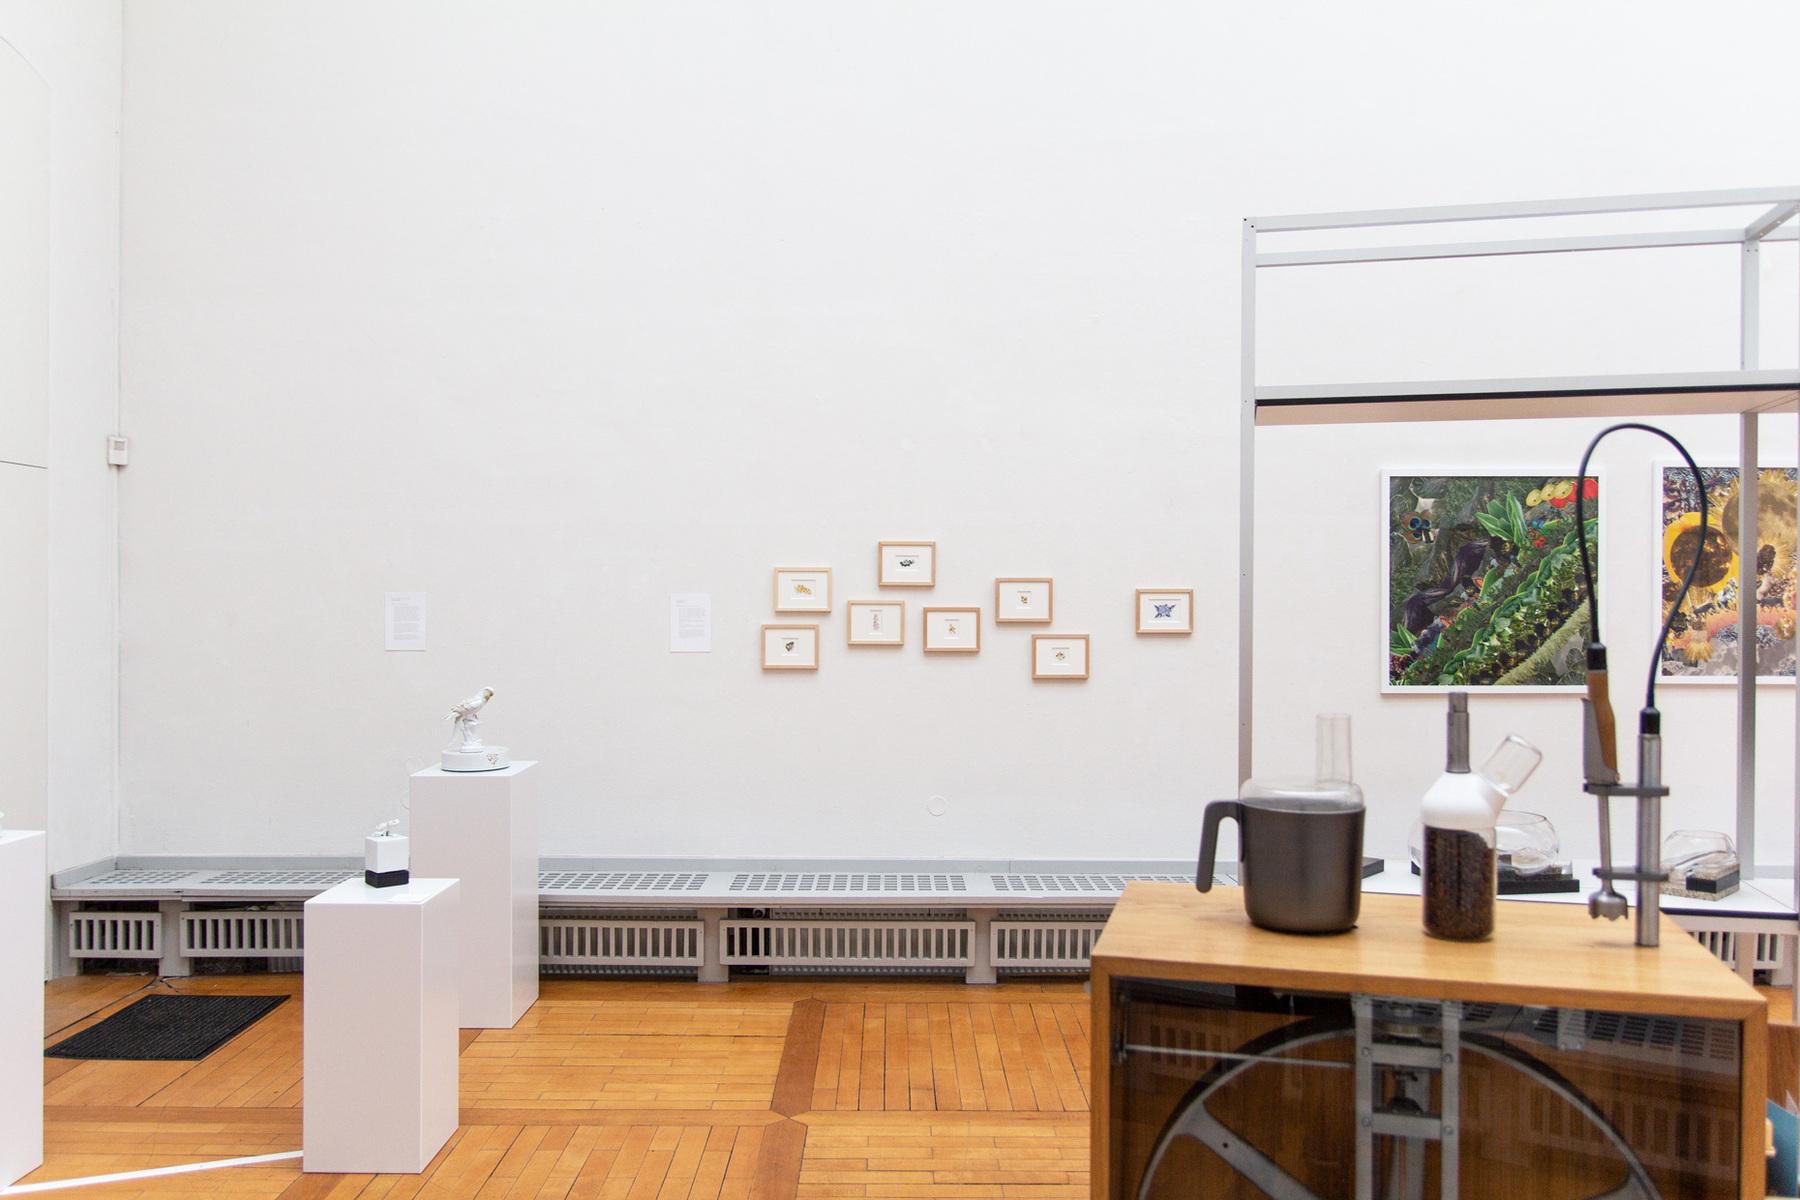 Philipp Valenta - Unser Bauhaus, Kunsthalle Harry Graf Kessler, Weimar